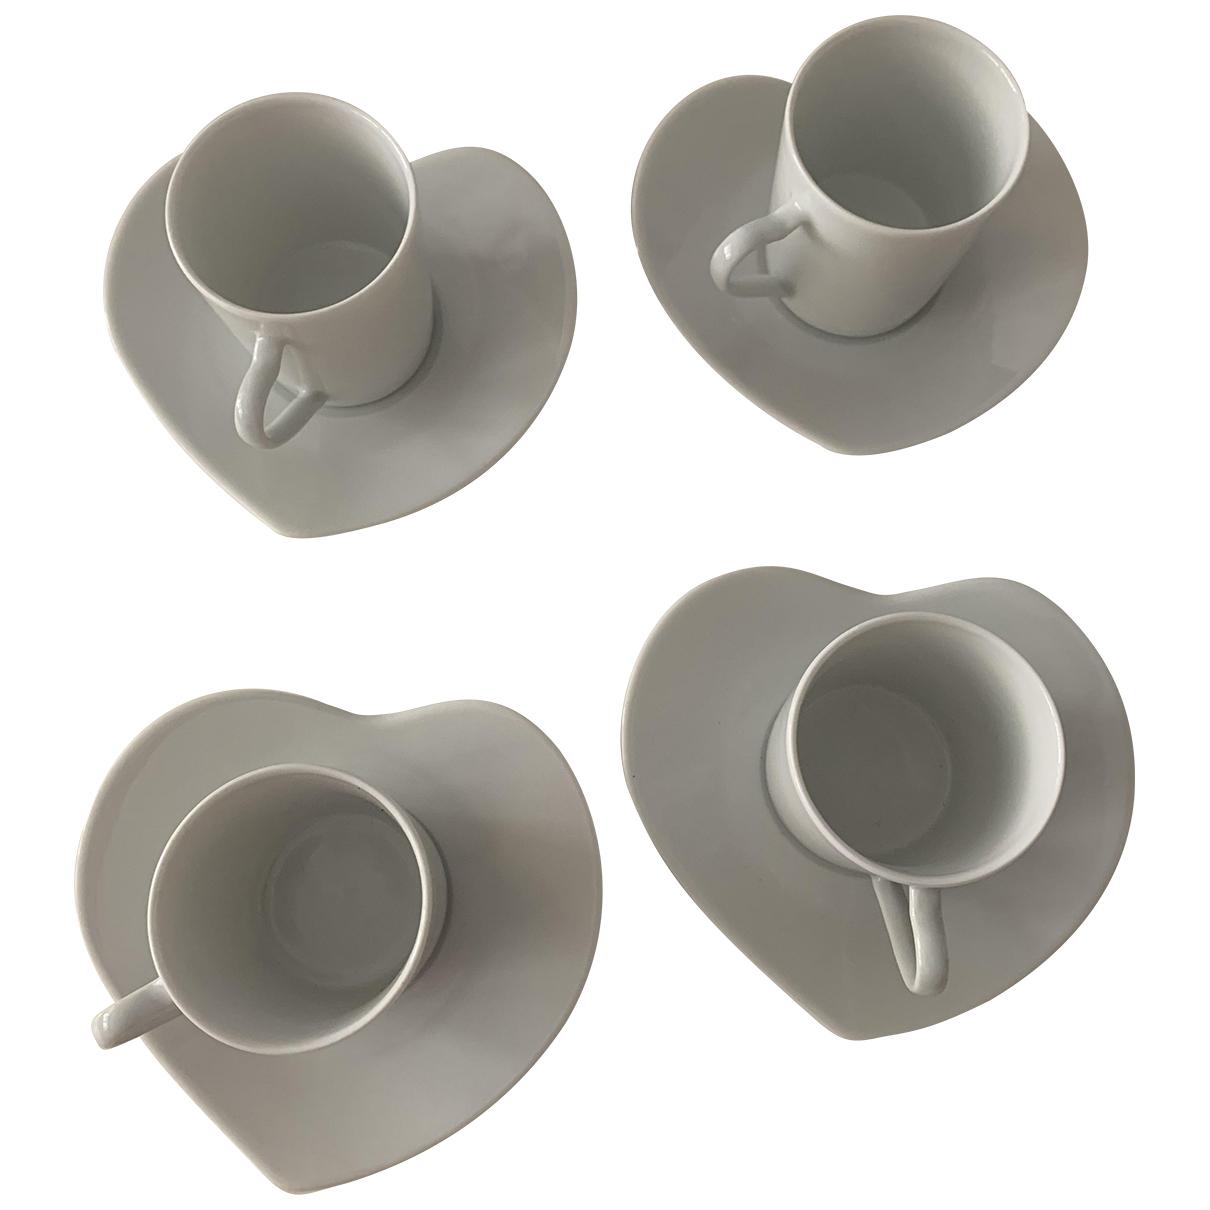 Juego de te/cafe de Porcelana Yves Saint Laurent